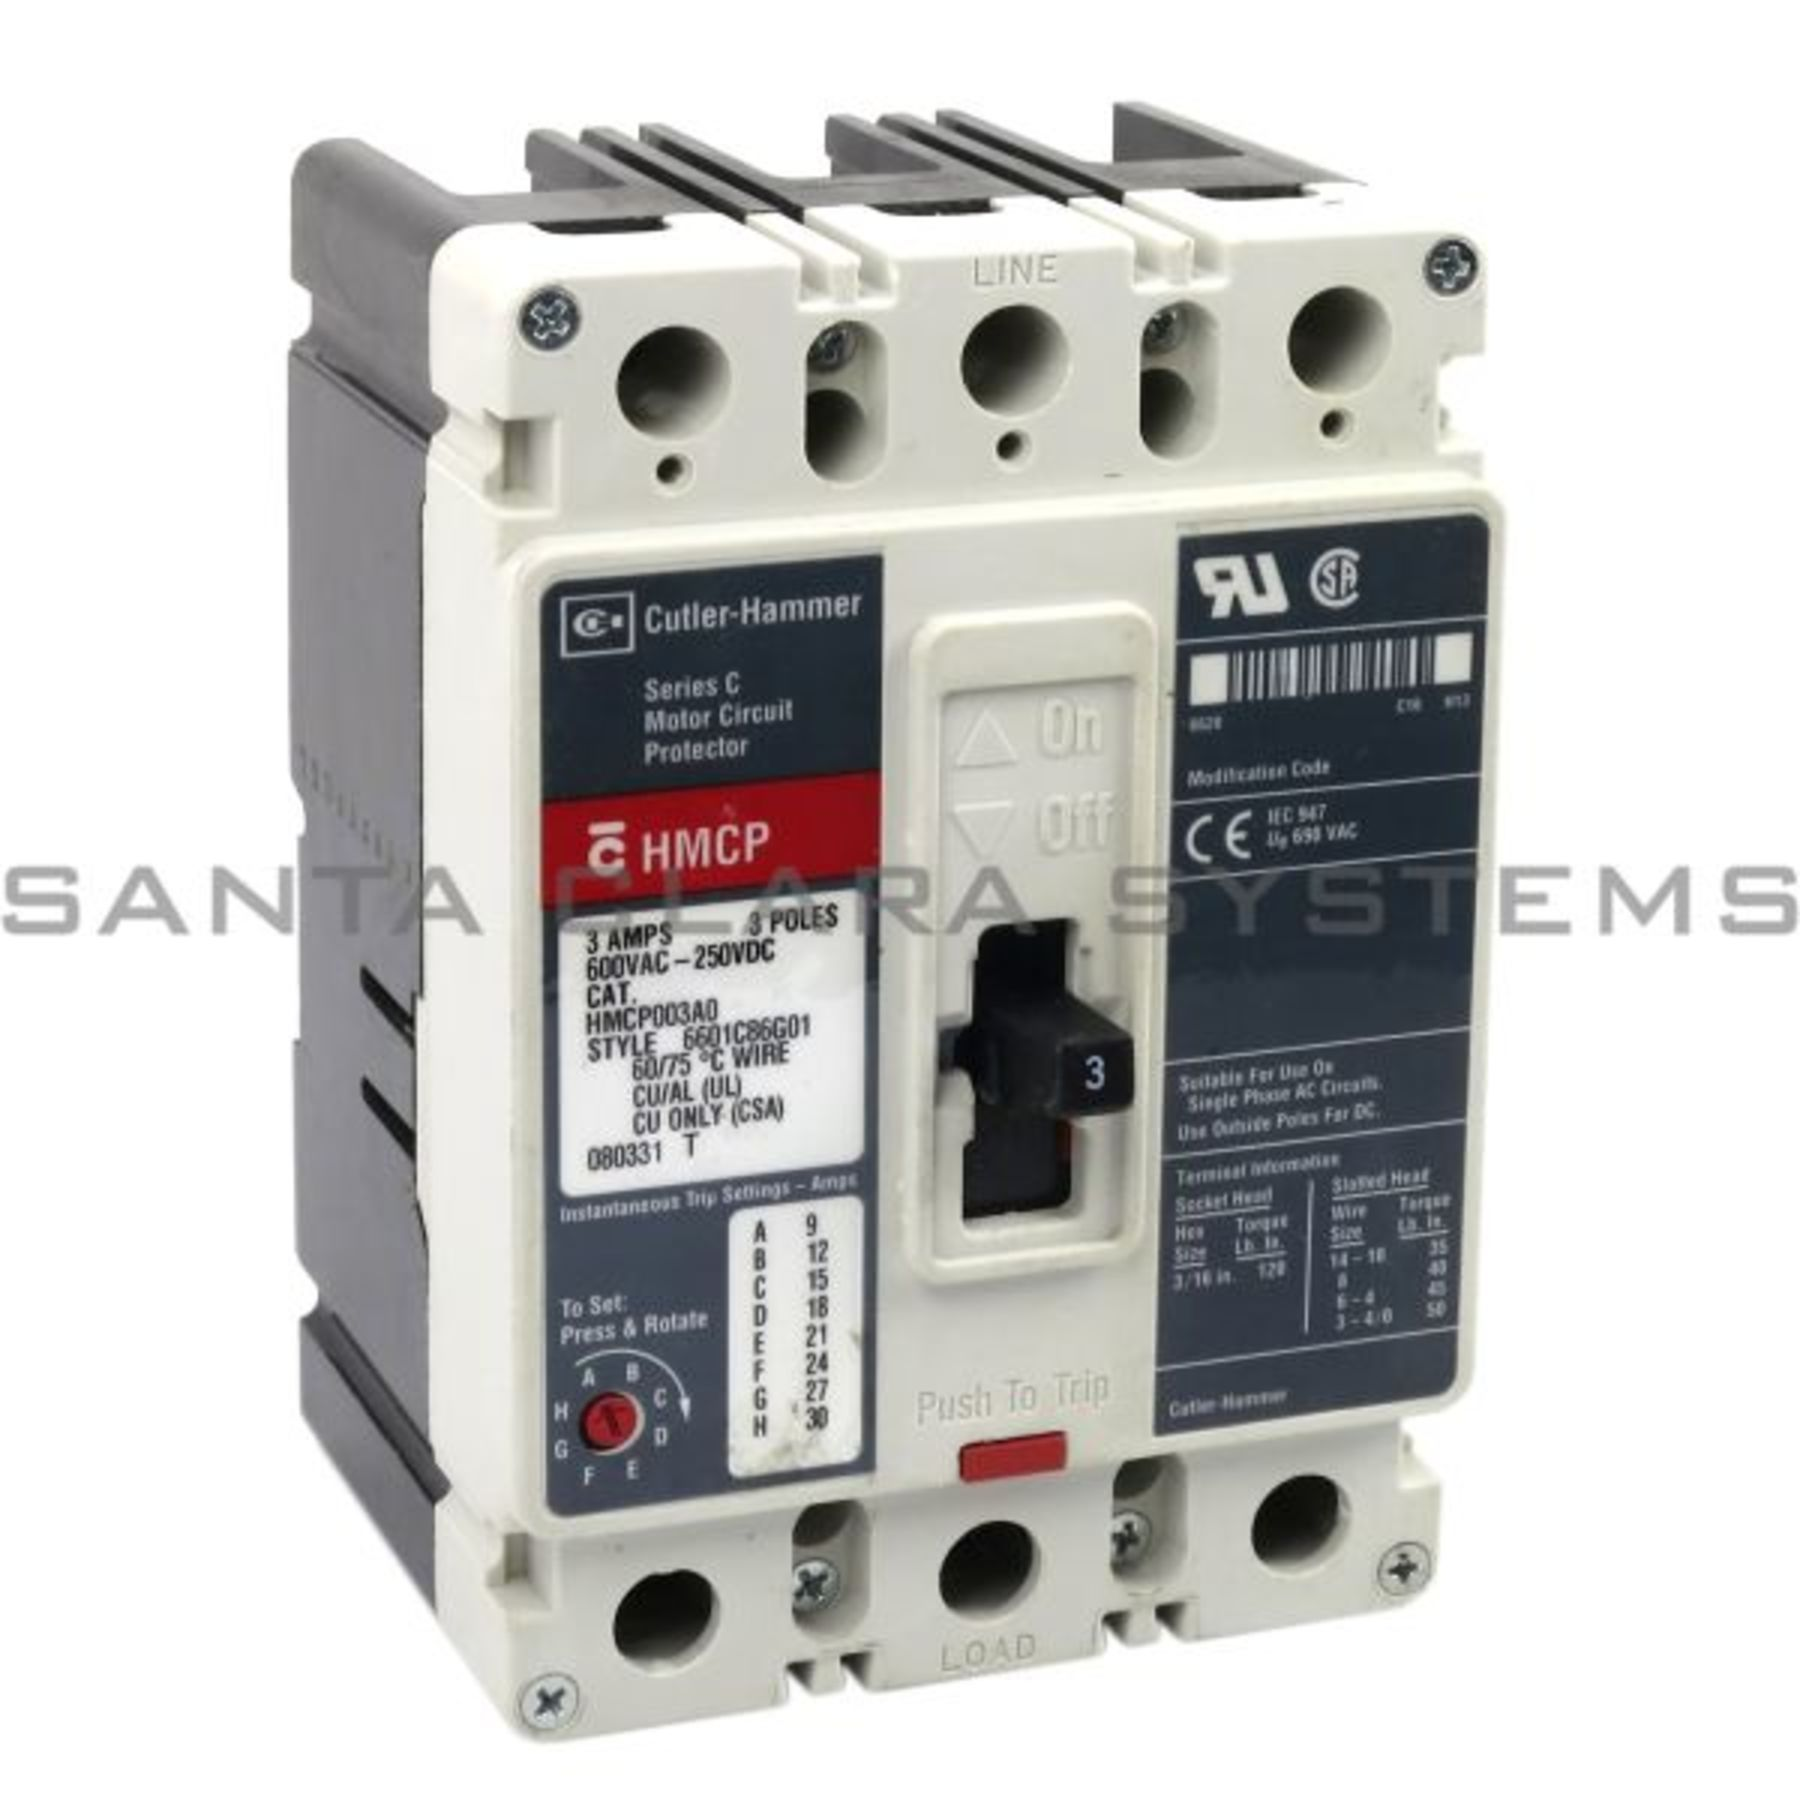 Westinghouse 3 Amp Circuit Breaker HMCP003A0 ; HMCP003AO